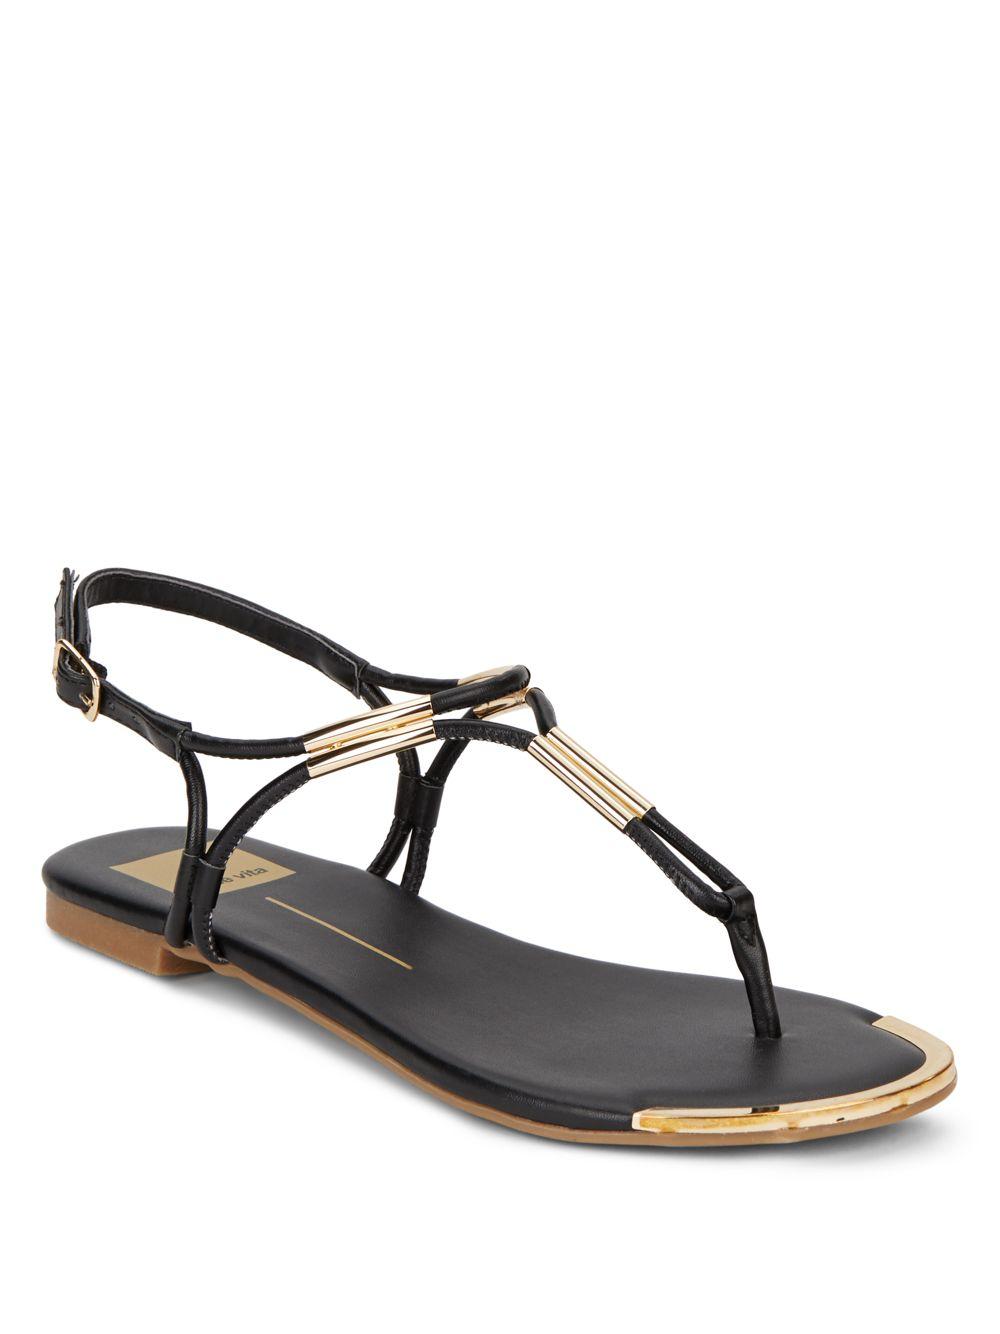 Dv Womens Shoes